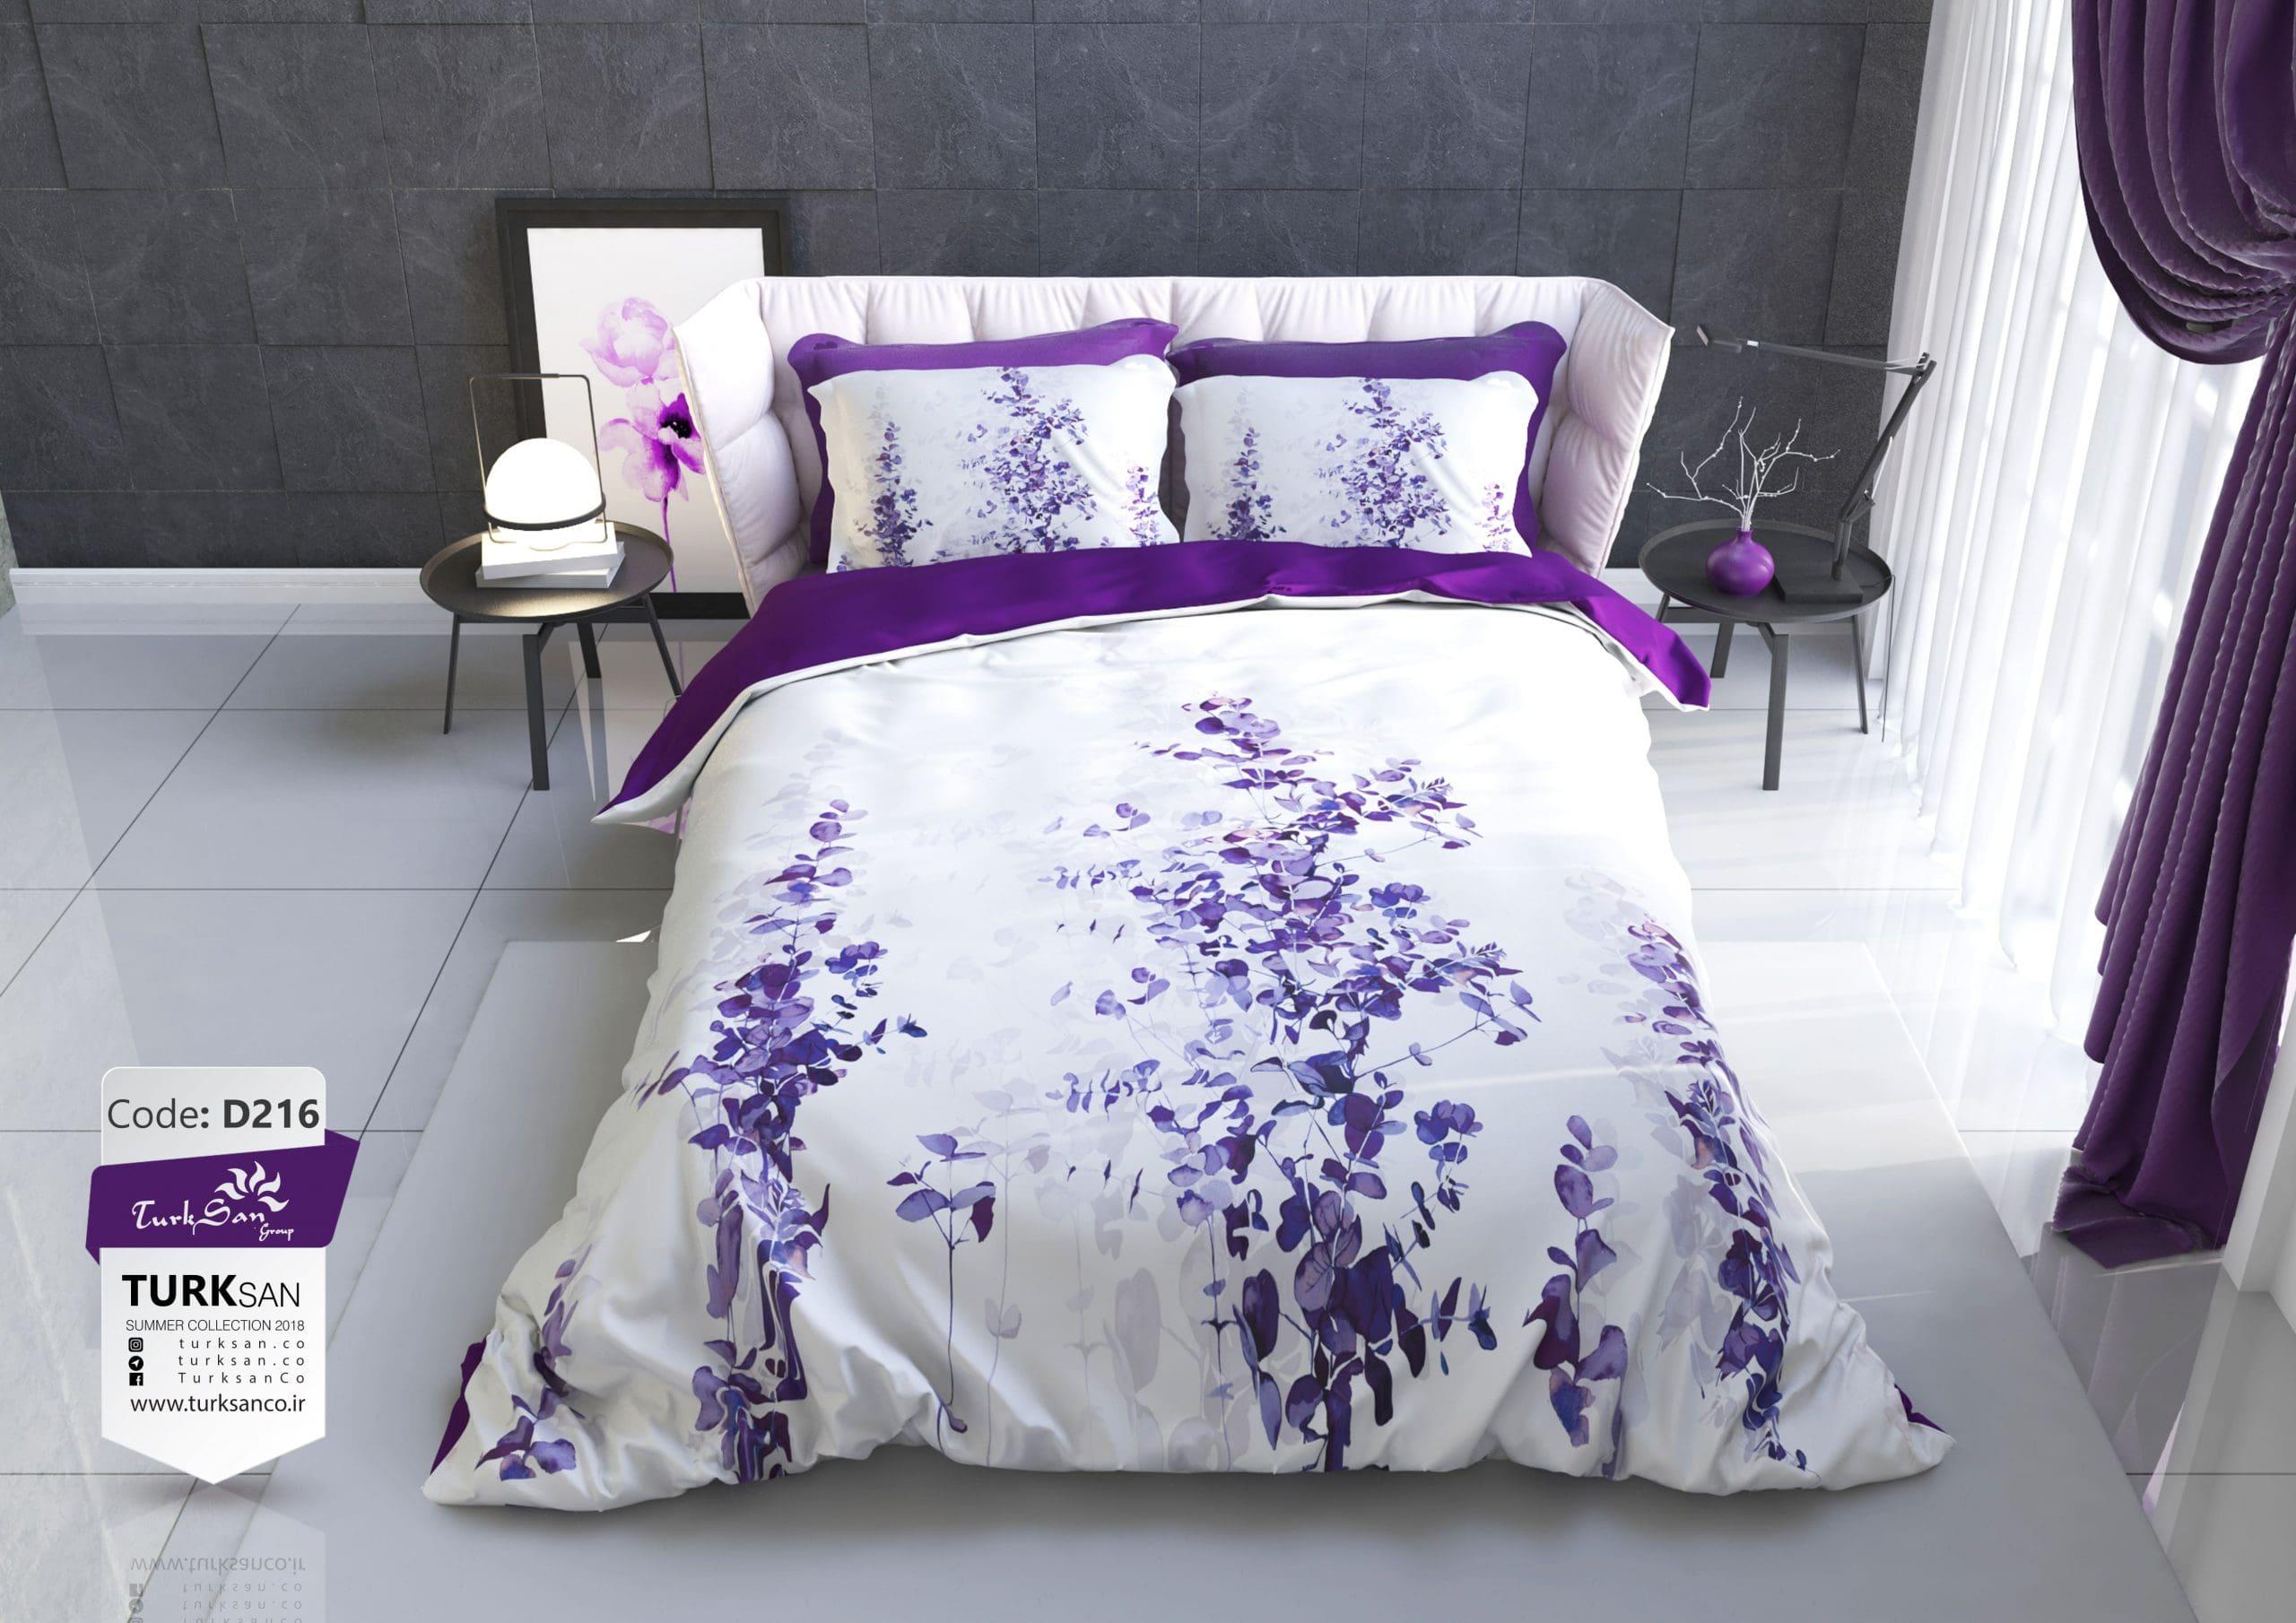 سرویس روتختی یک نفره گلدار سفید و بنفش | کالای خواب بدروم